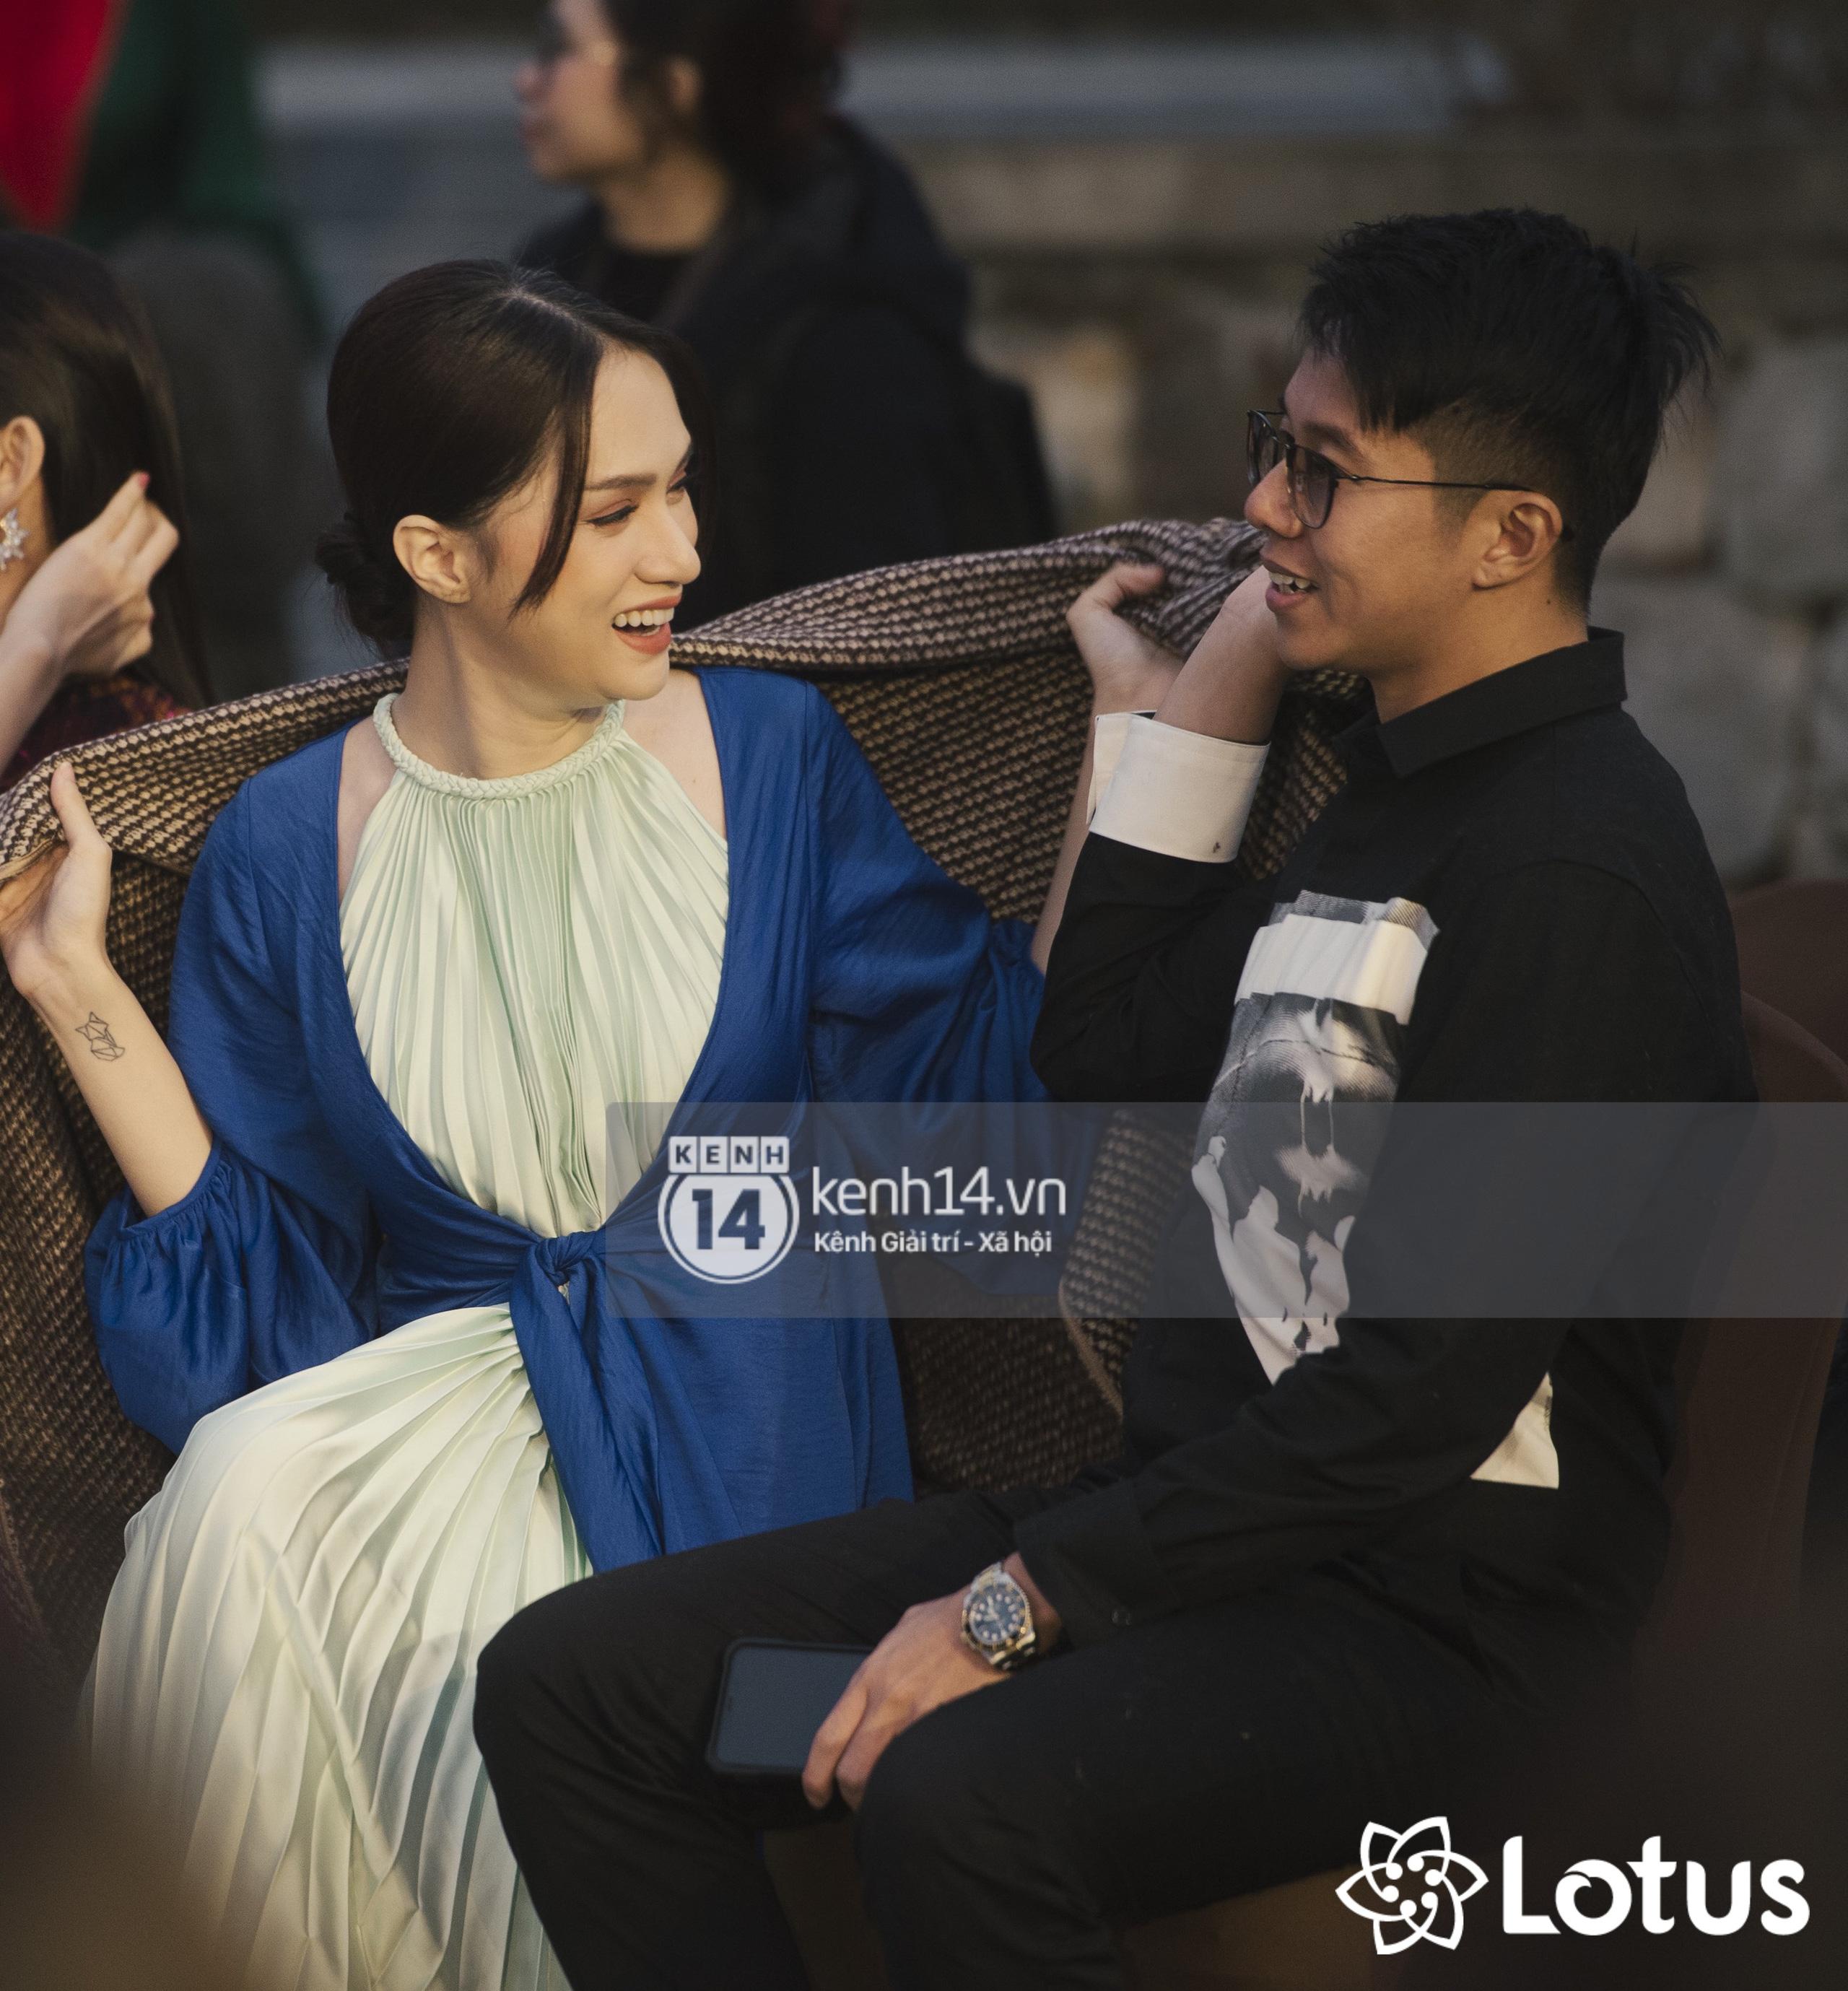 Lương Thuỳ Linh - Đỗ Hà nổi bần bật trong vị trí first face, Thanh Hằng bùng nổ với khí chất nữ thần tại show Đào của NTK Adrian Anh Tuấn - Ảnh 22.